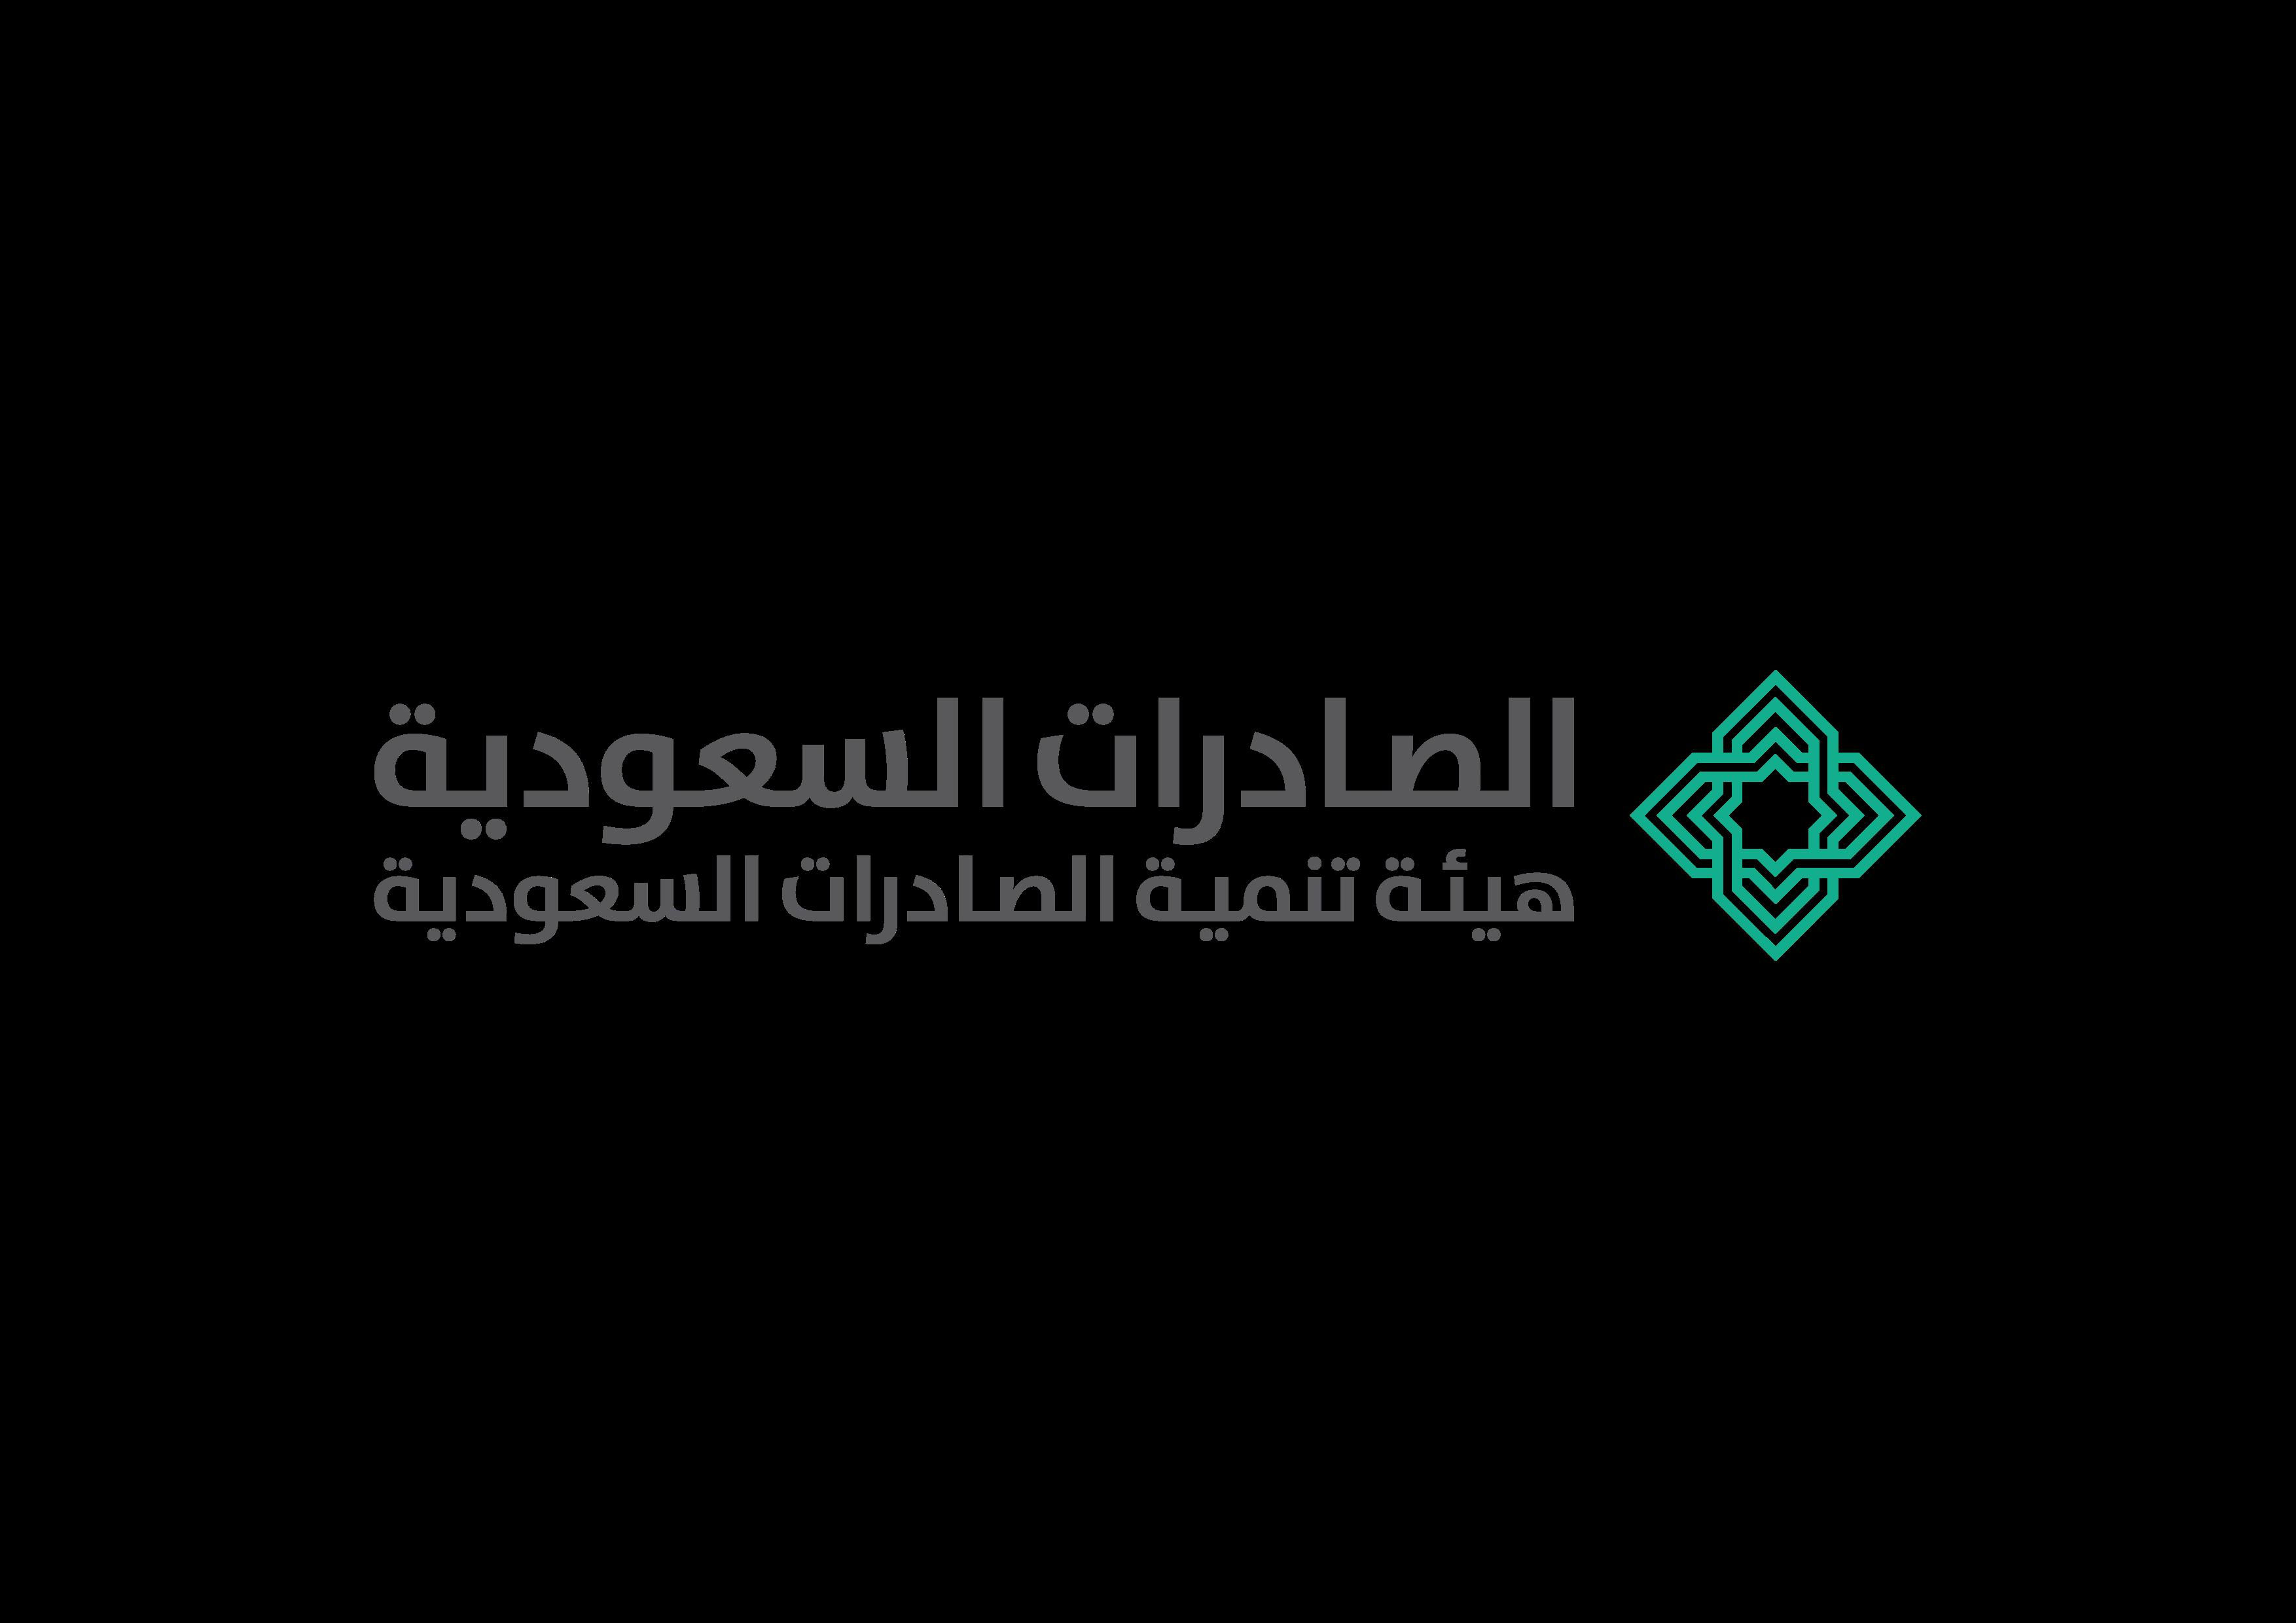 نتيجة بحث الصور عن هيئة تنمية الصادرات السعودية